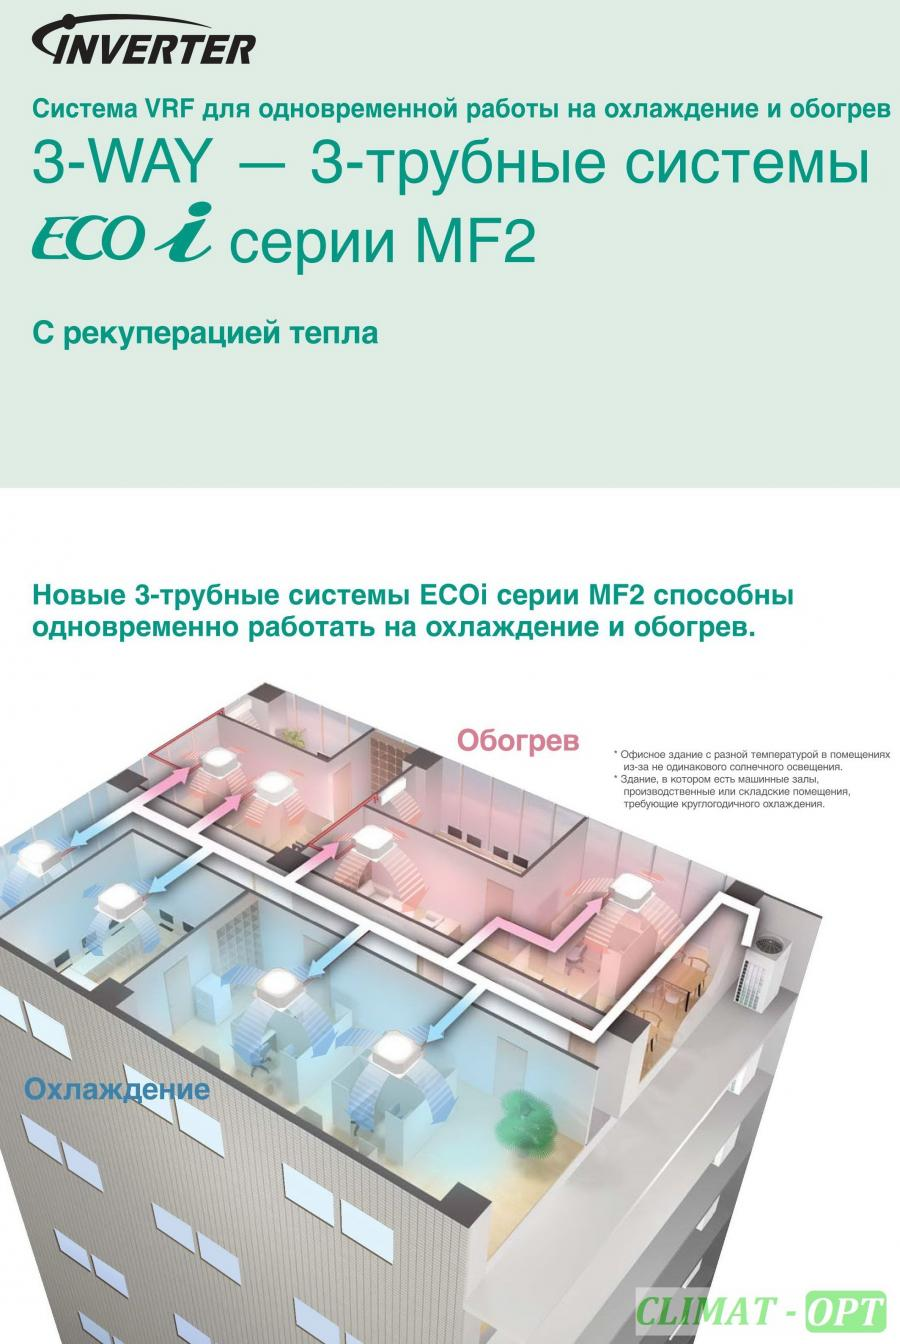 Наружные блоки мультизональной системы Panasonic 3-WAY ECO i MF2